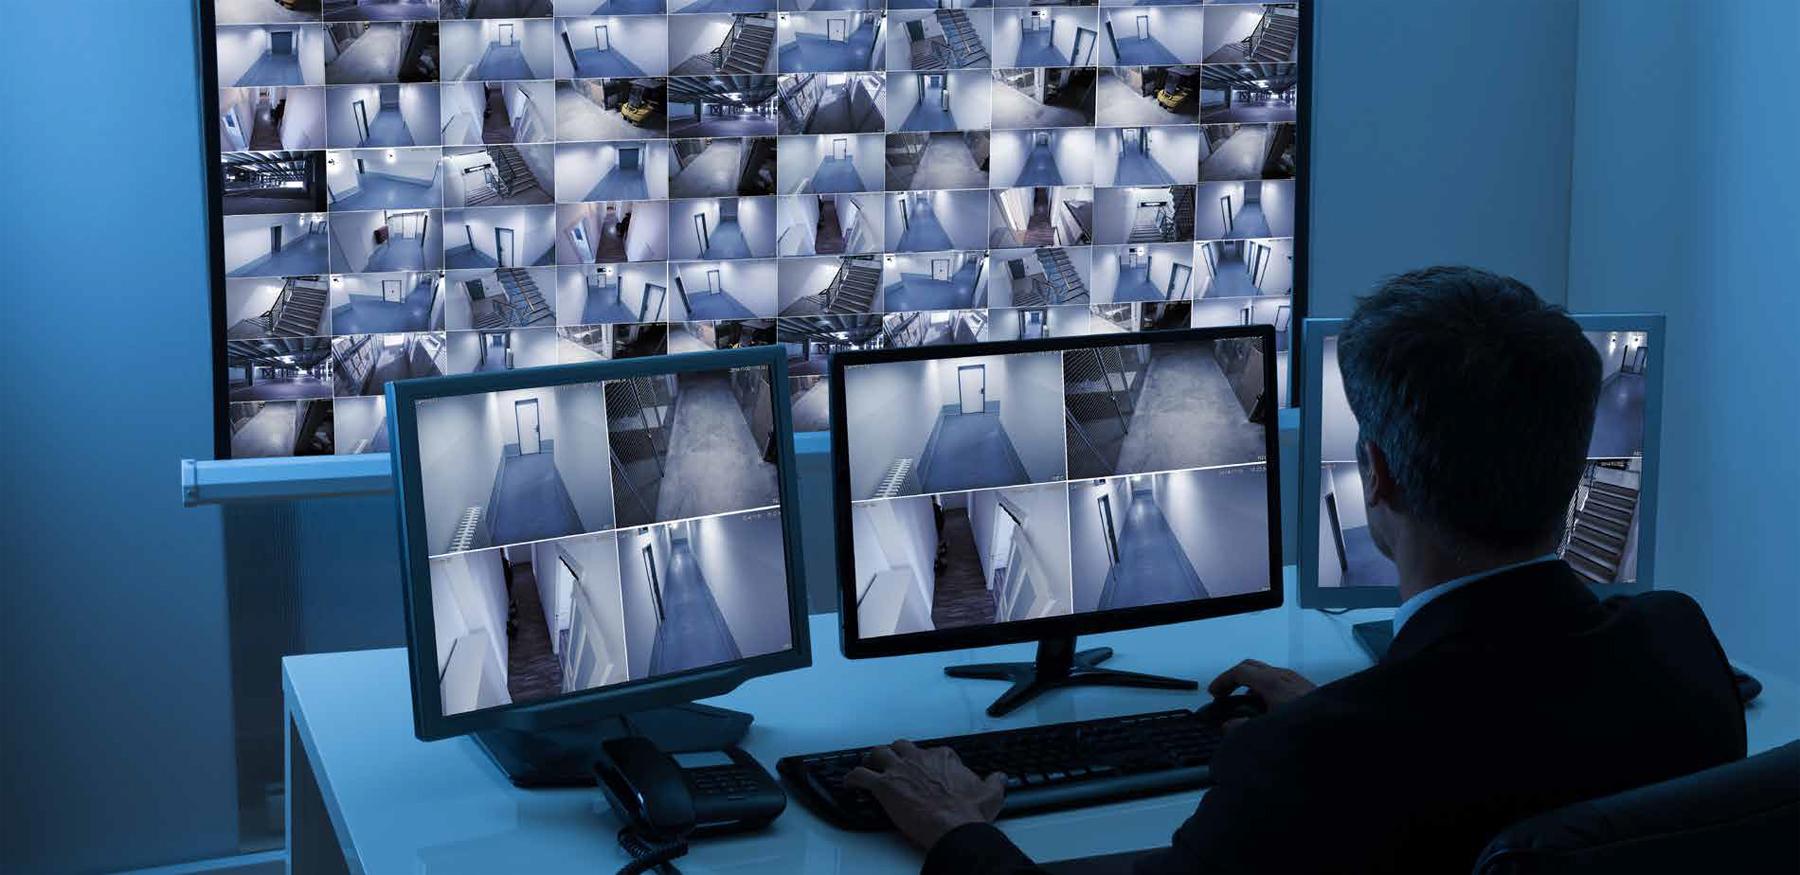 شگر ہیڈکوارٹر میں سی سی ٹی وی کیمروں کی تنصیب کے لئے سروے مکمل